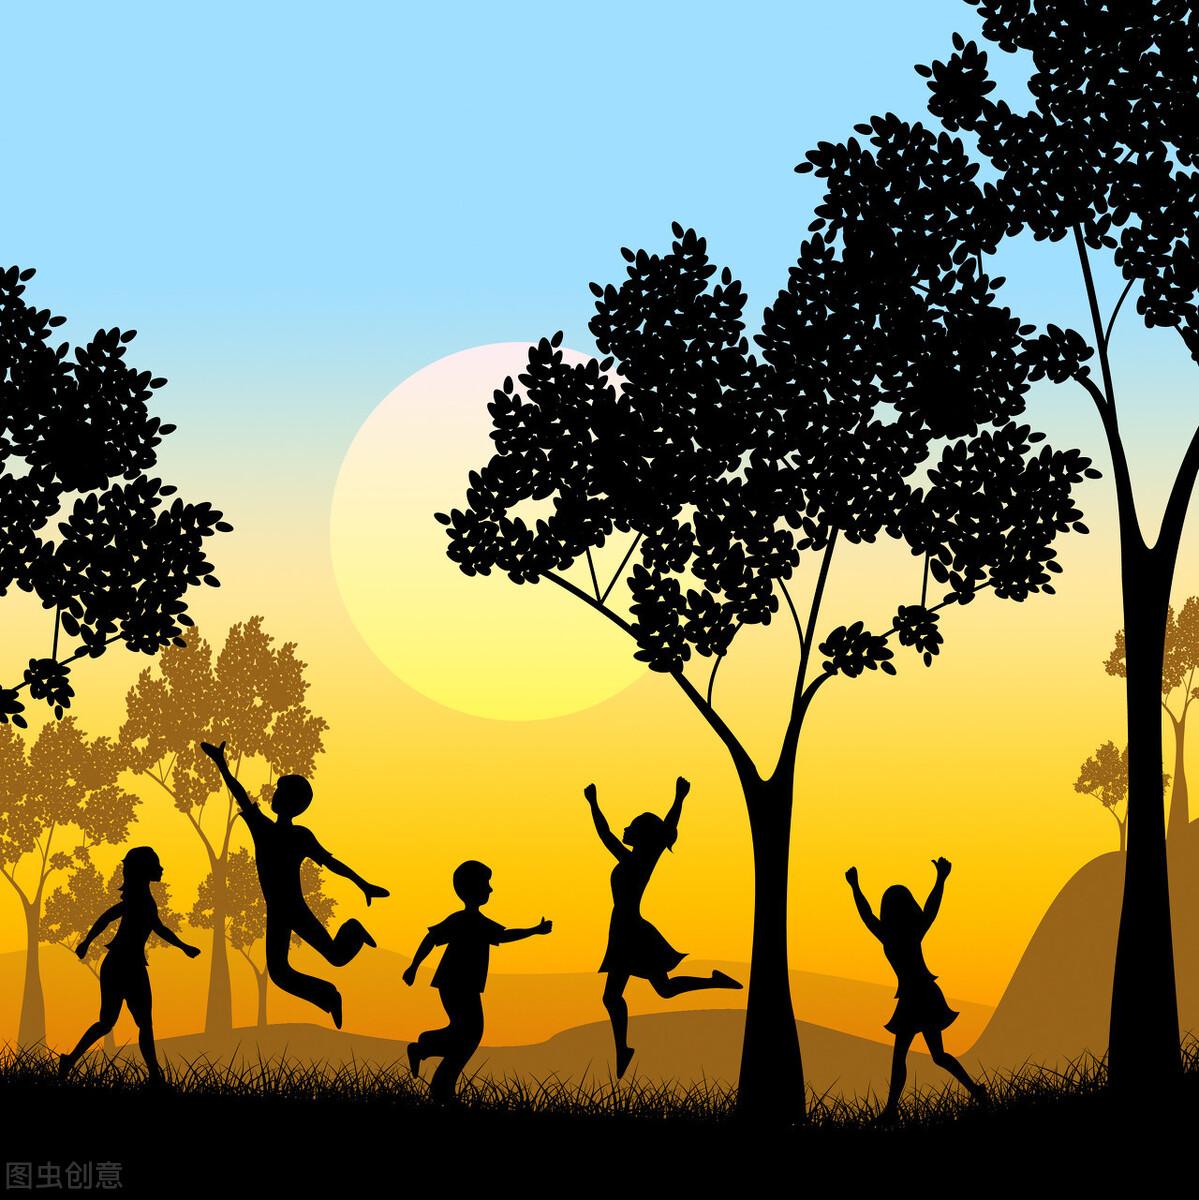 家长多跟孩子说说自己小时候的事!少年的你和他更容易对话